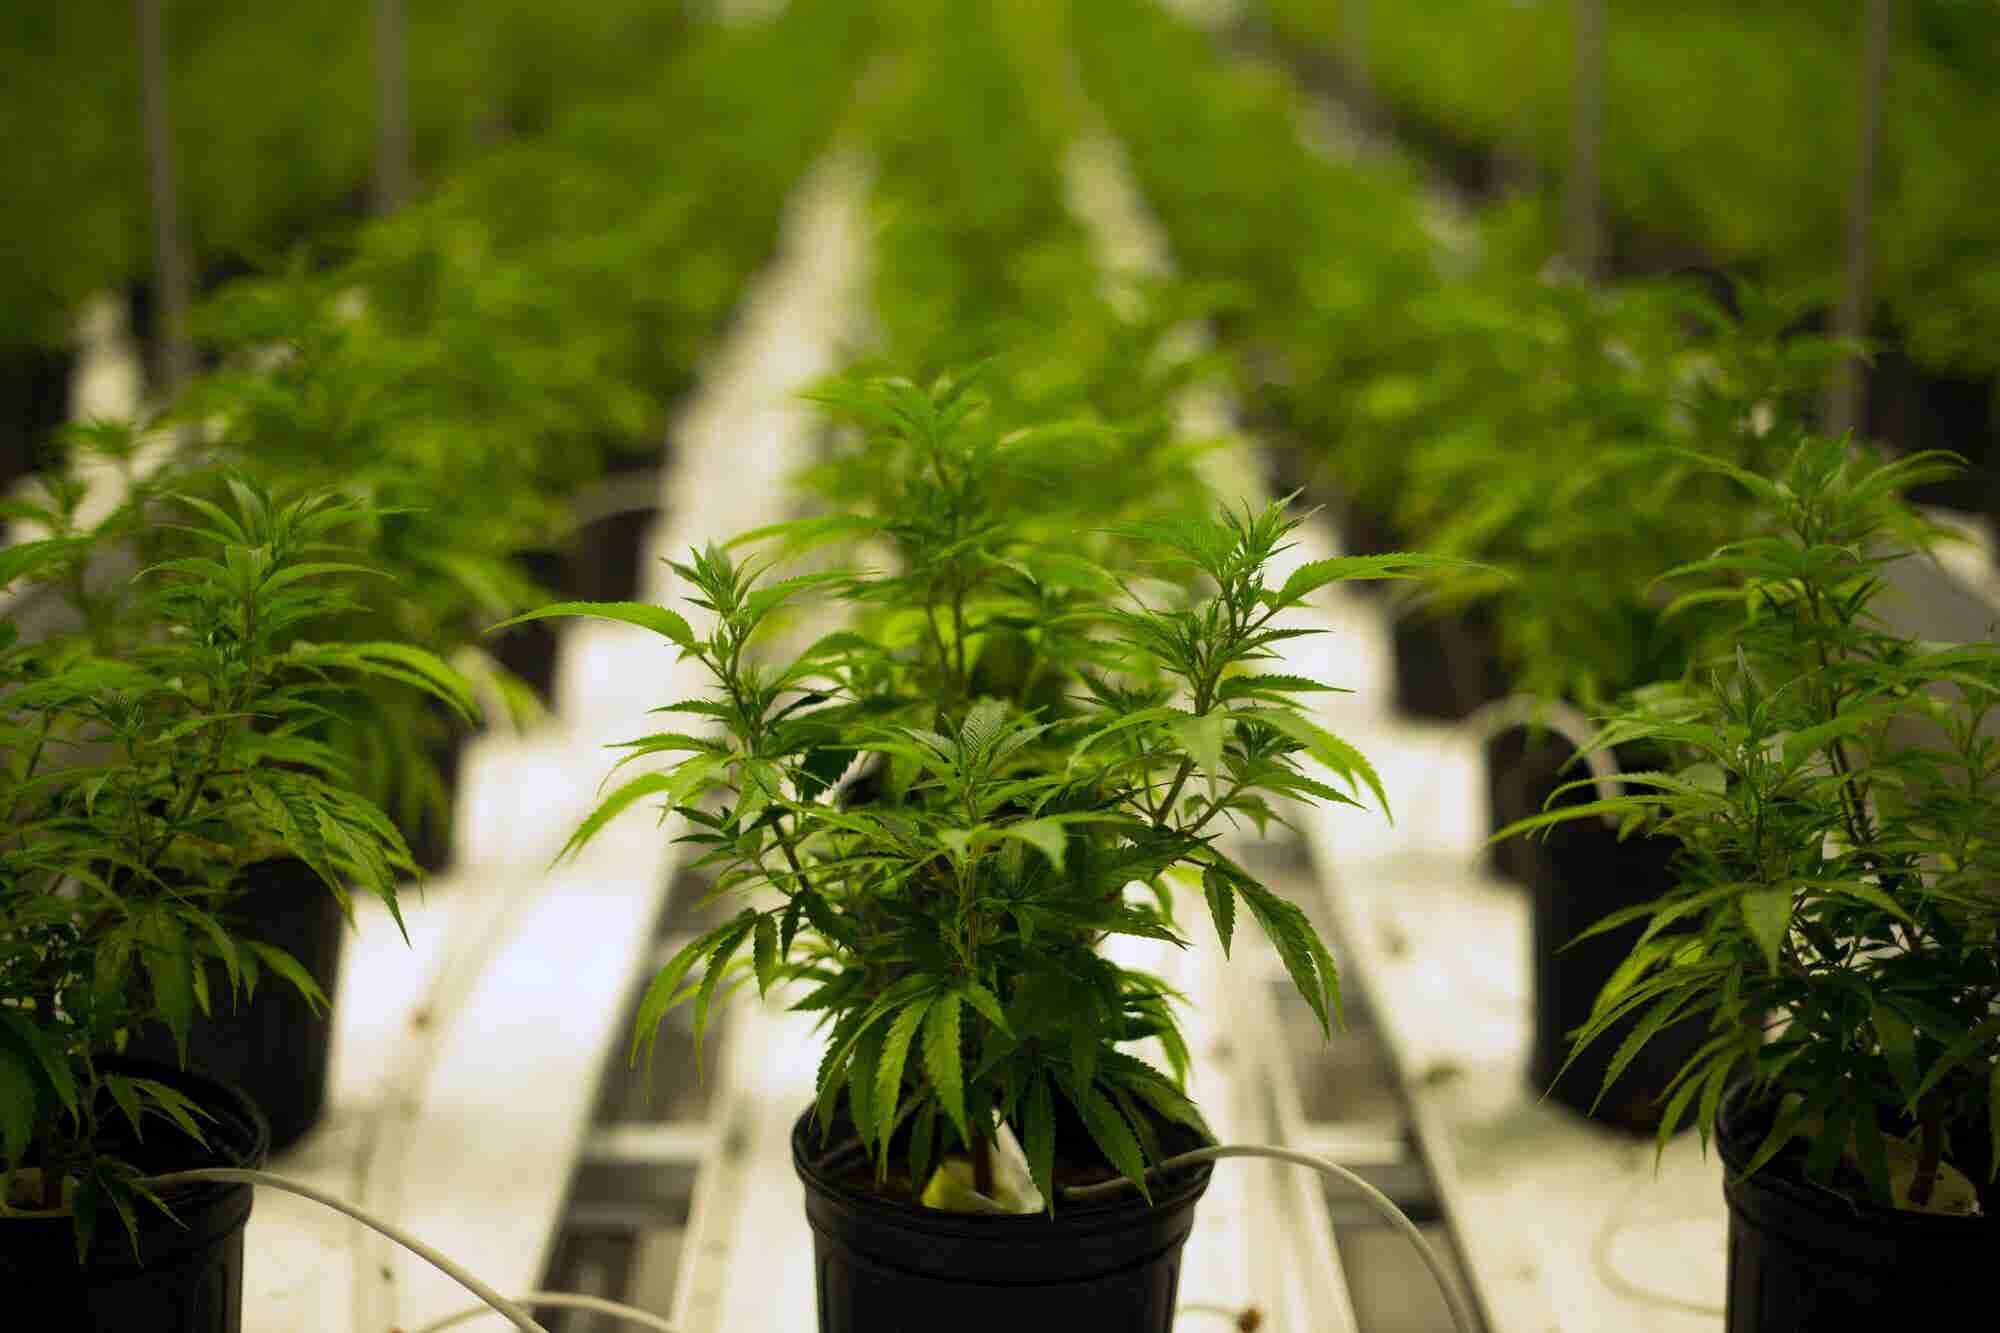 3 Long Debunked Arguments Against Legal Weed That Just Won't Die